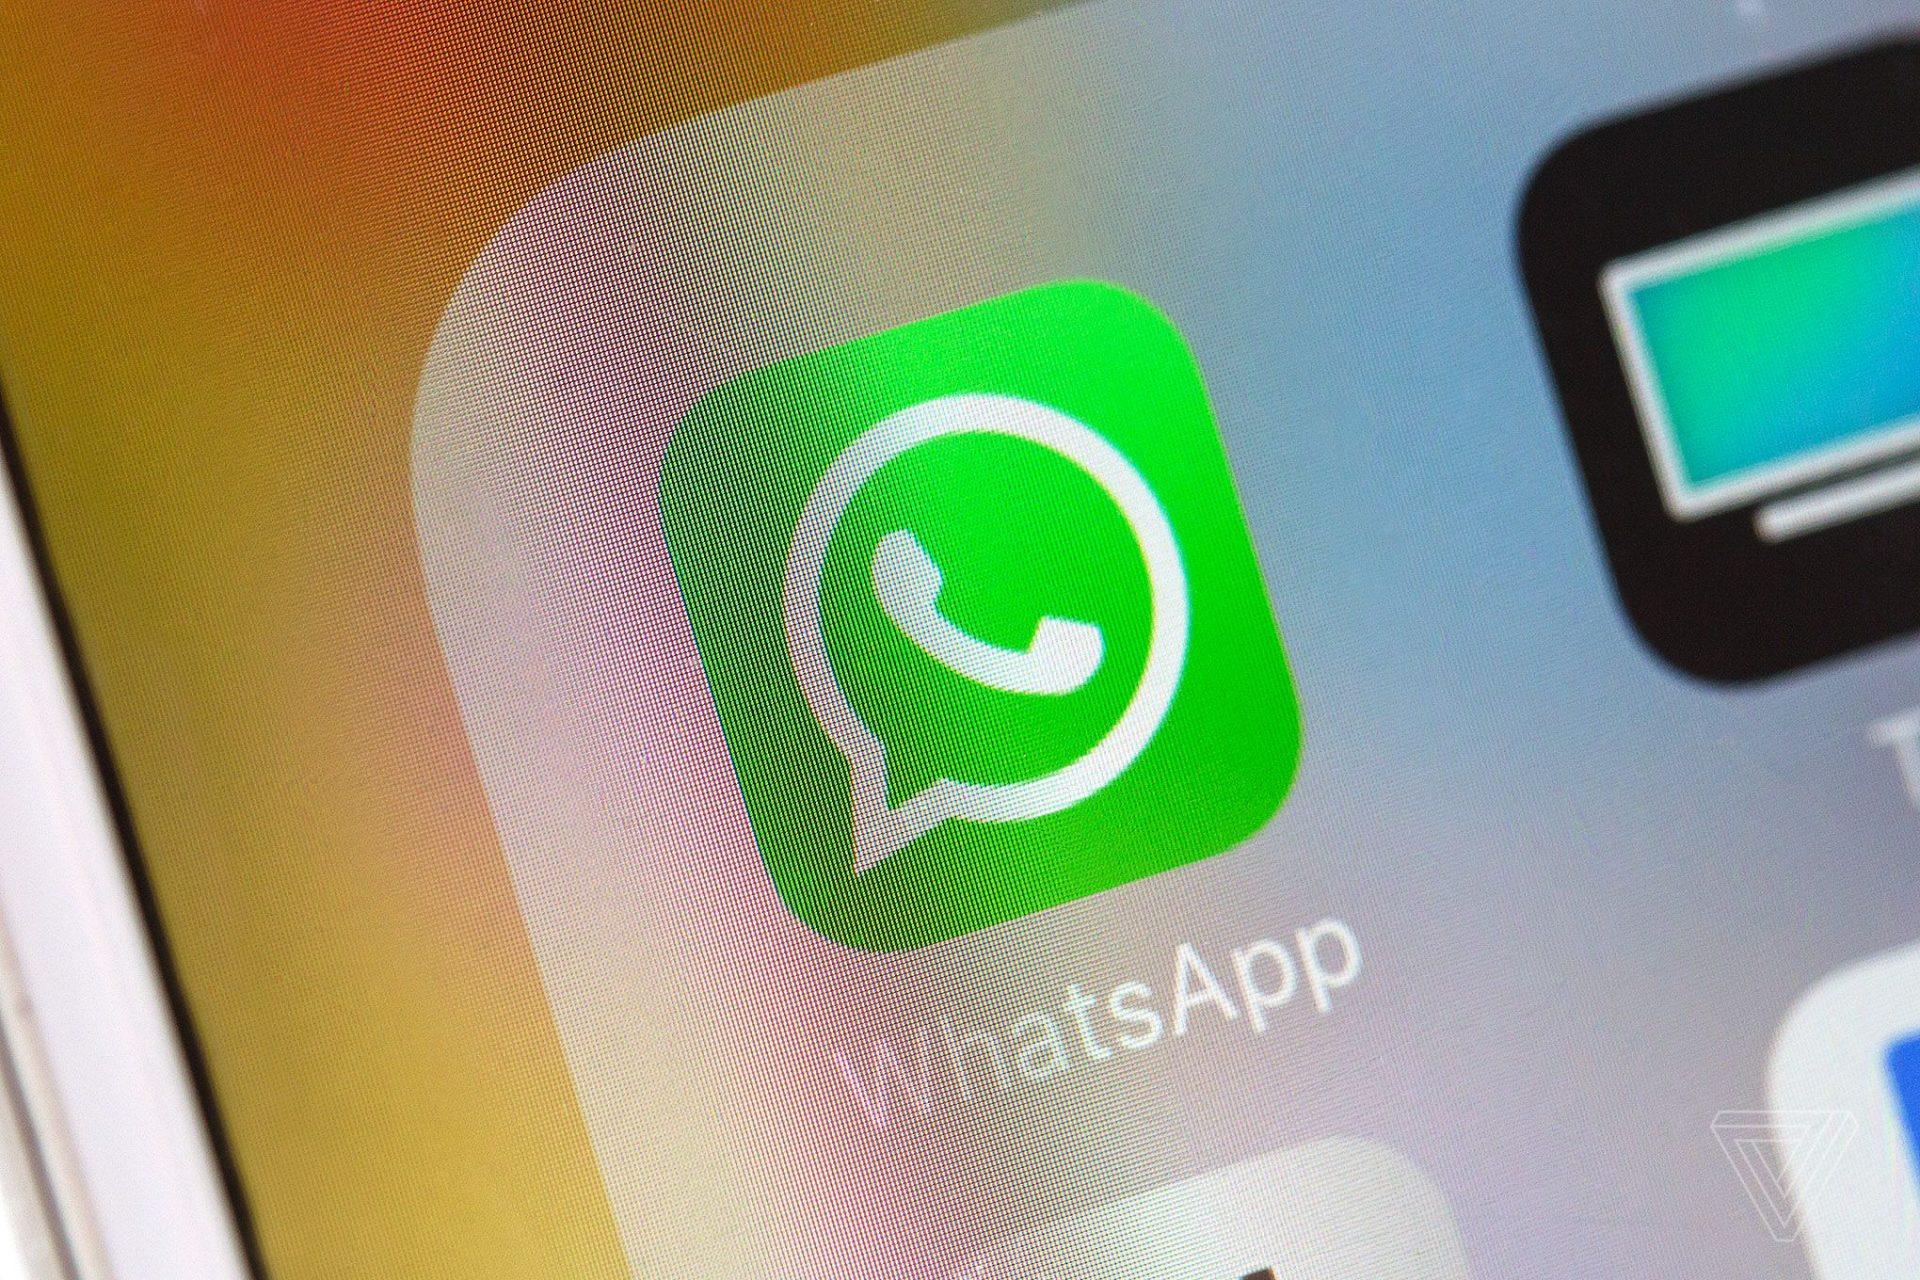 Google Mengindeks Tautan Obrolan Grup WhatsApp, Membuat Grup Pribadi Bahkan Dapat Ditemukan